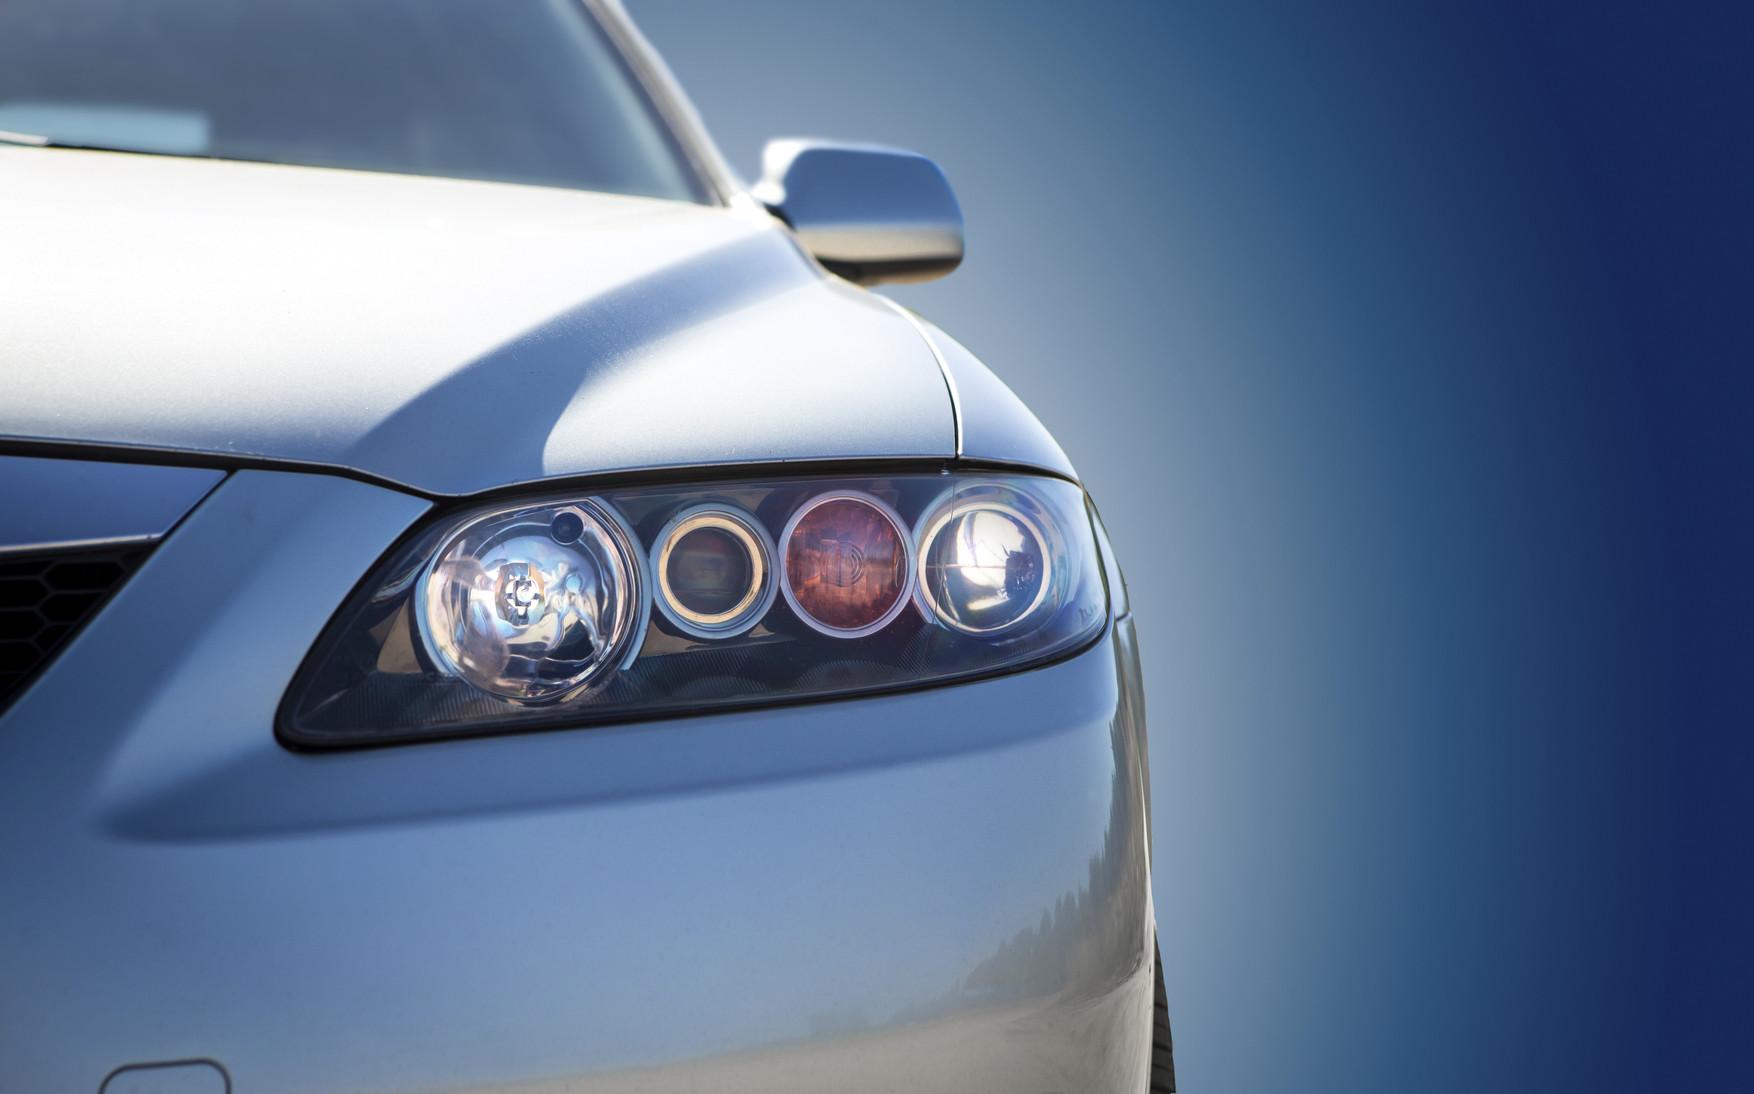 Cómo cambiar tú mismo las luces del coche con total seguridad